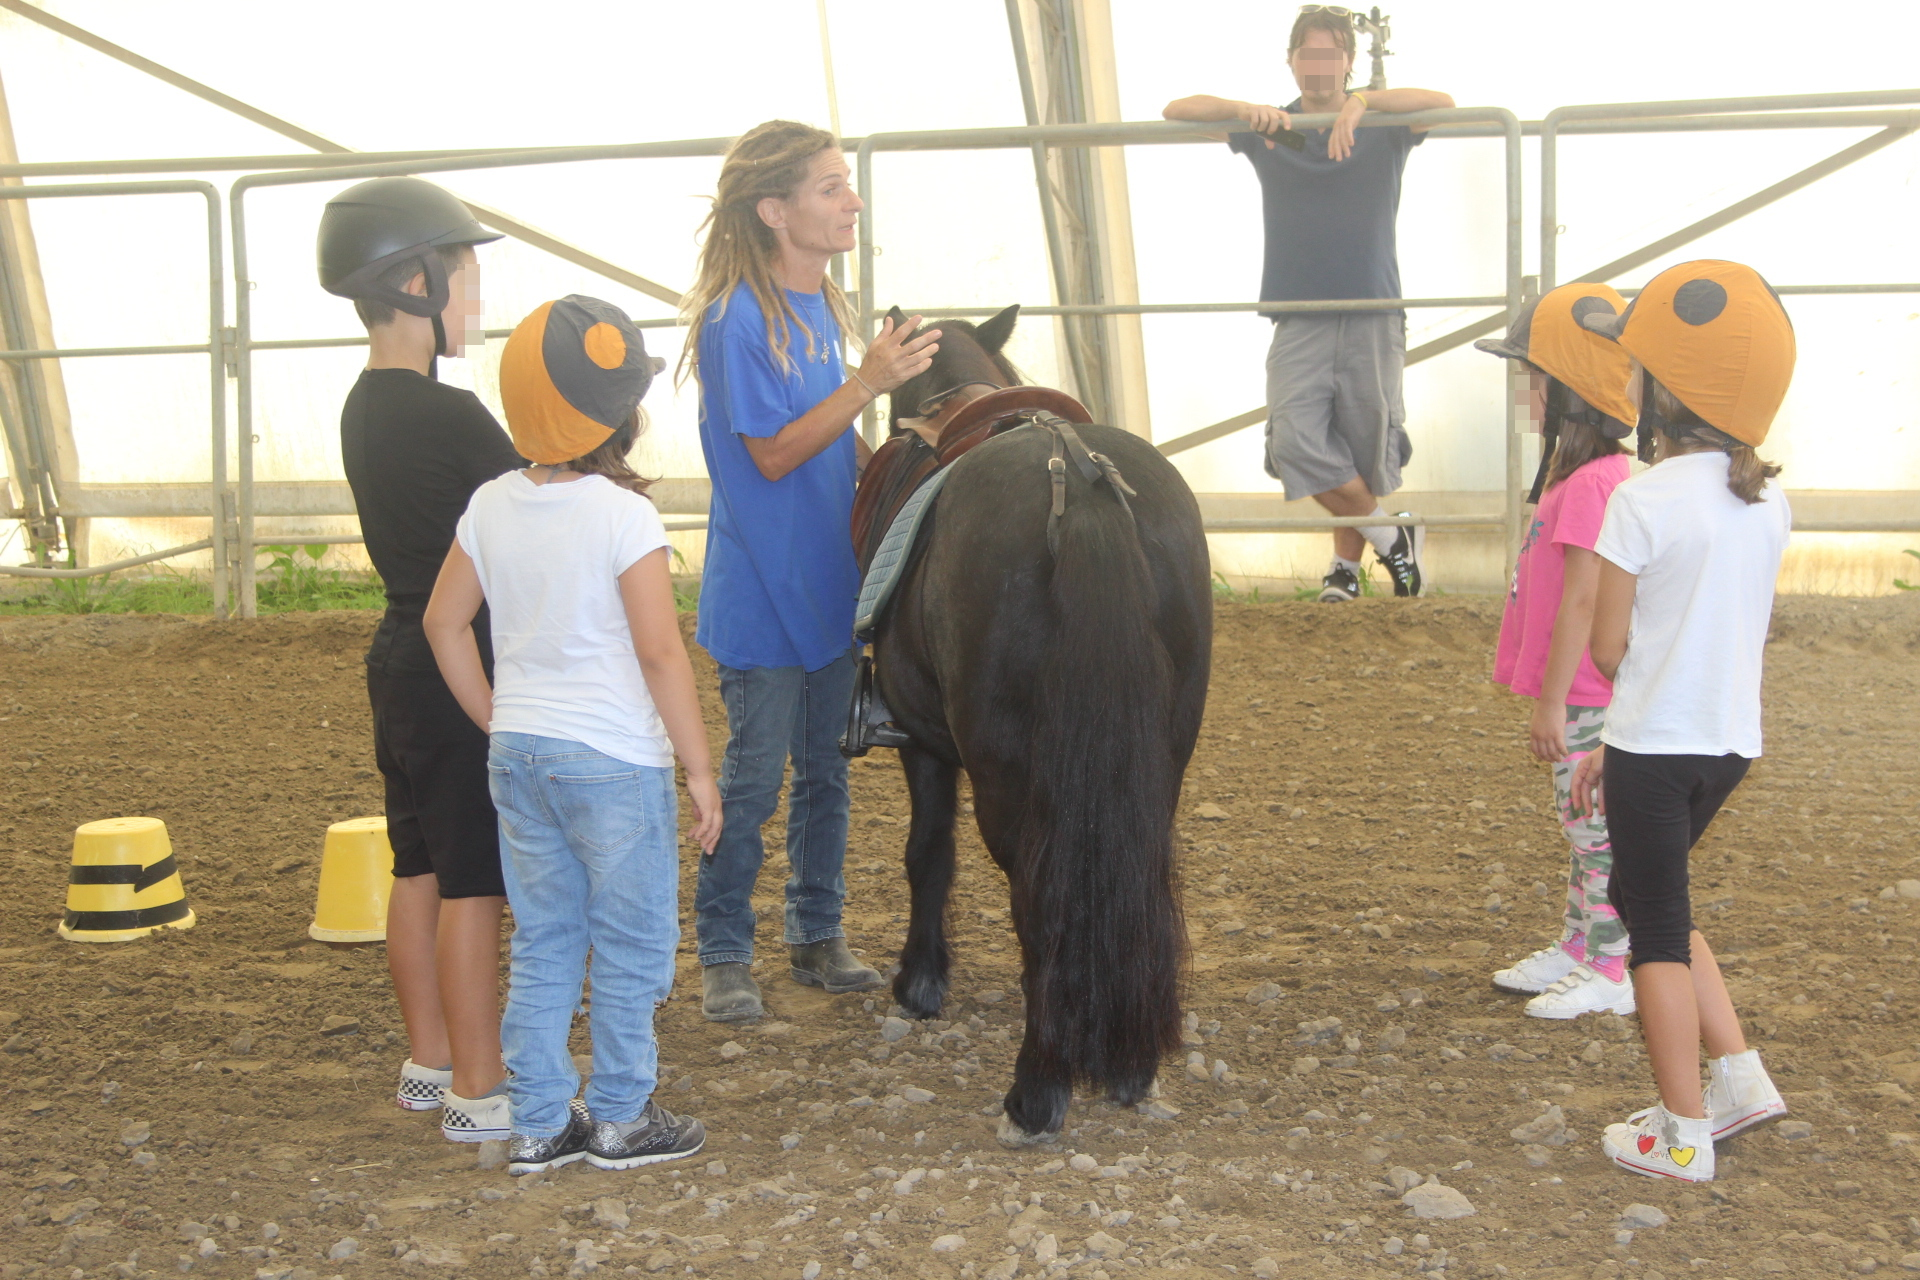 Bambini con un pony durante la lezione di Equitazione Etologica nel maneggio coperto della Scuderia Cento Fiori a Vallecchio di Montescudo, Rimini